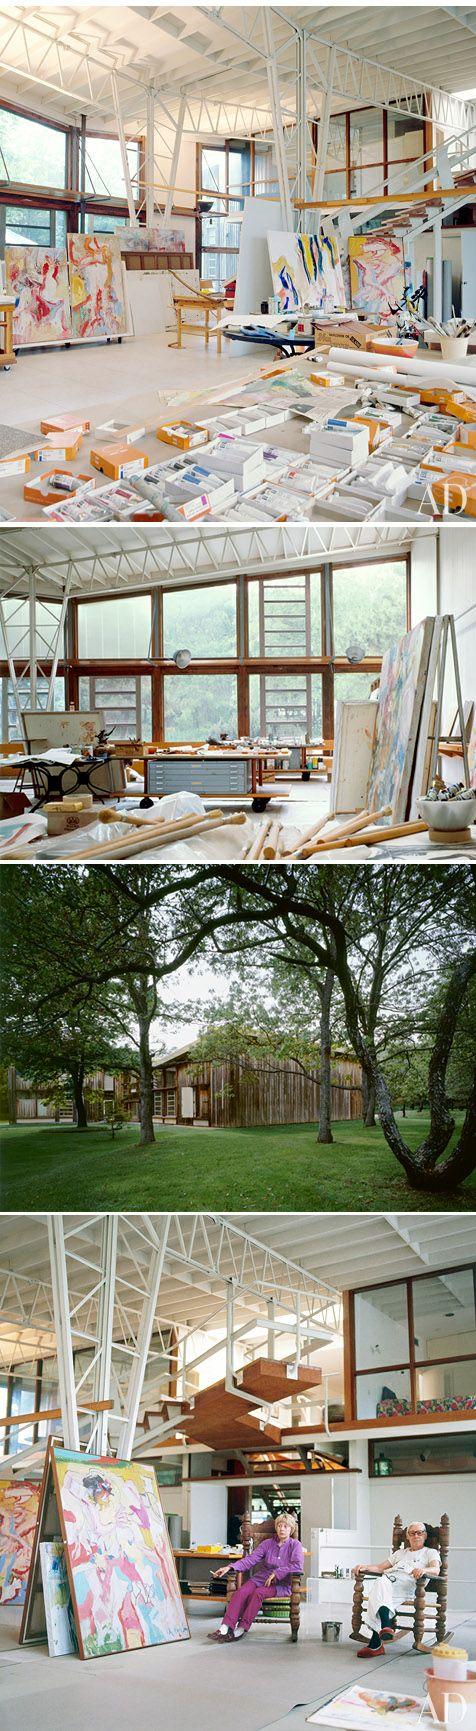 Willem de Kooning studio in East Hampton, Archetectual Digest, 1983